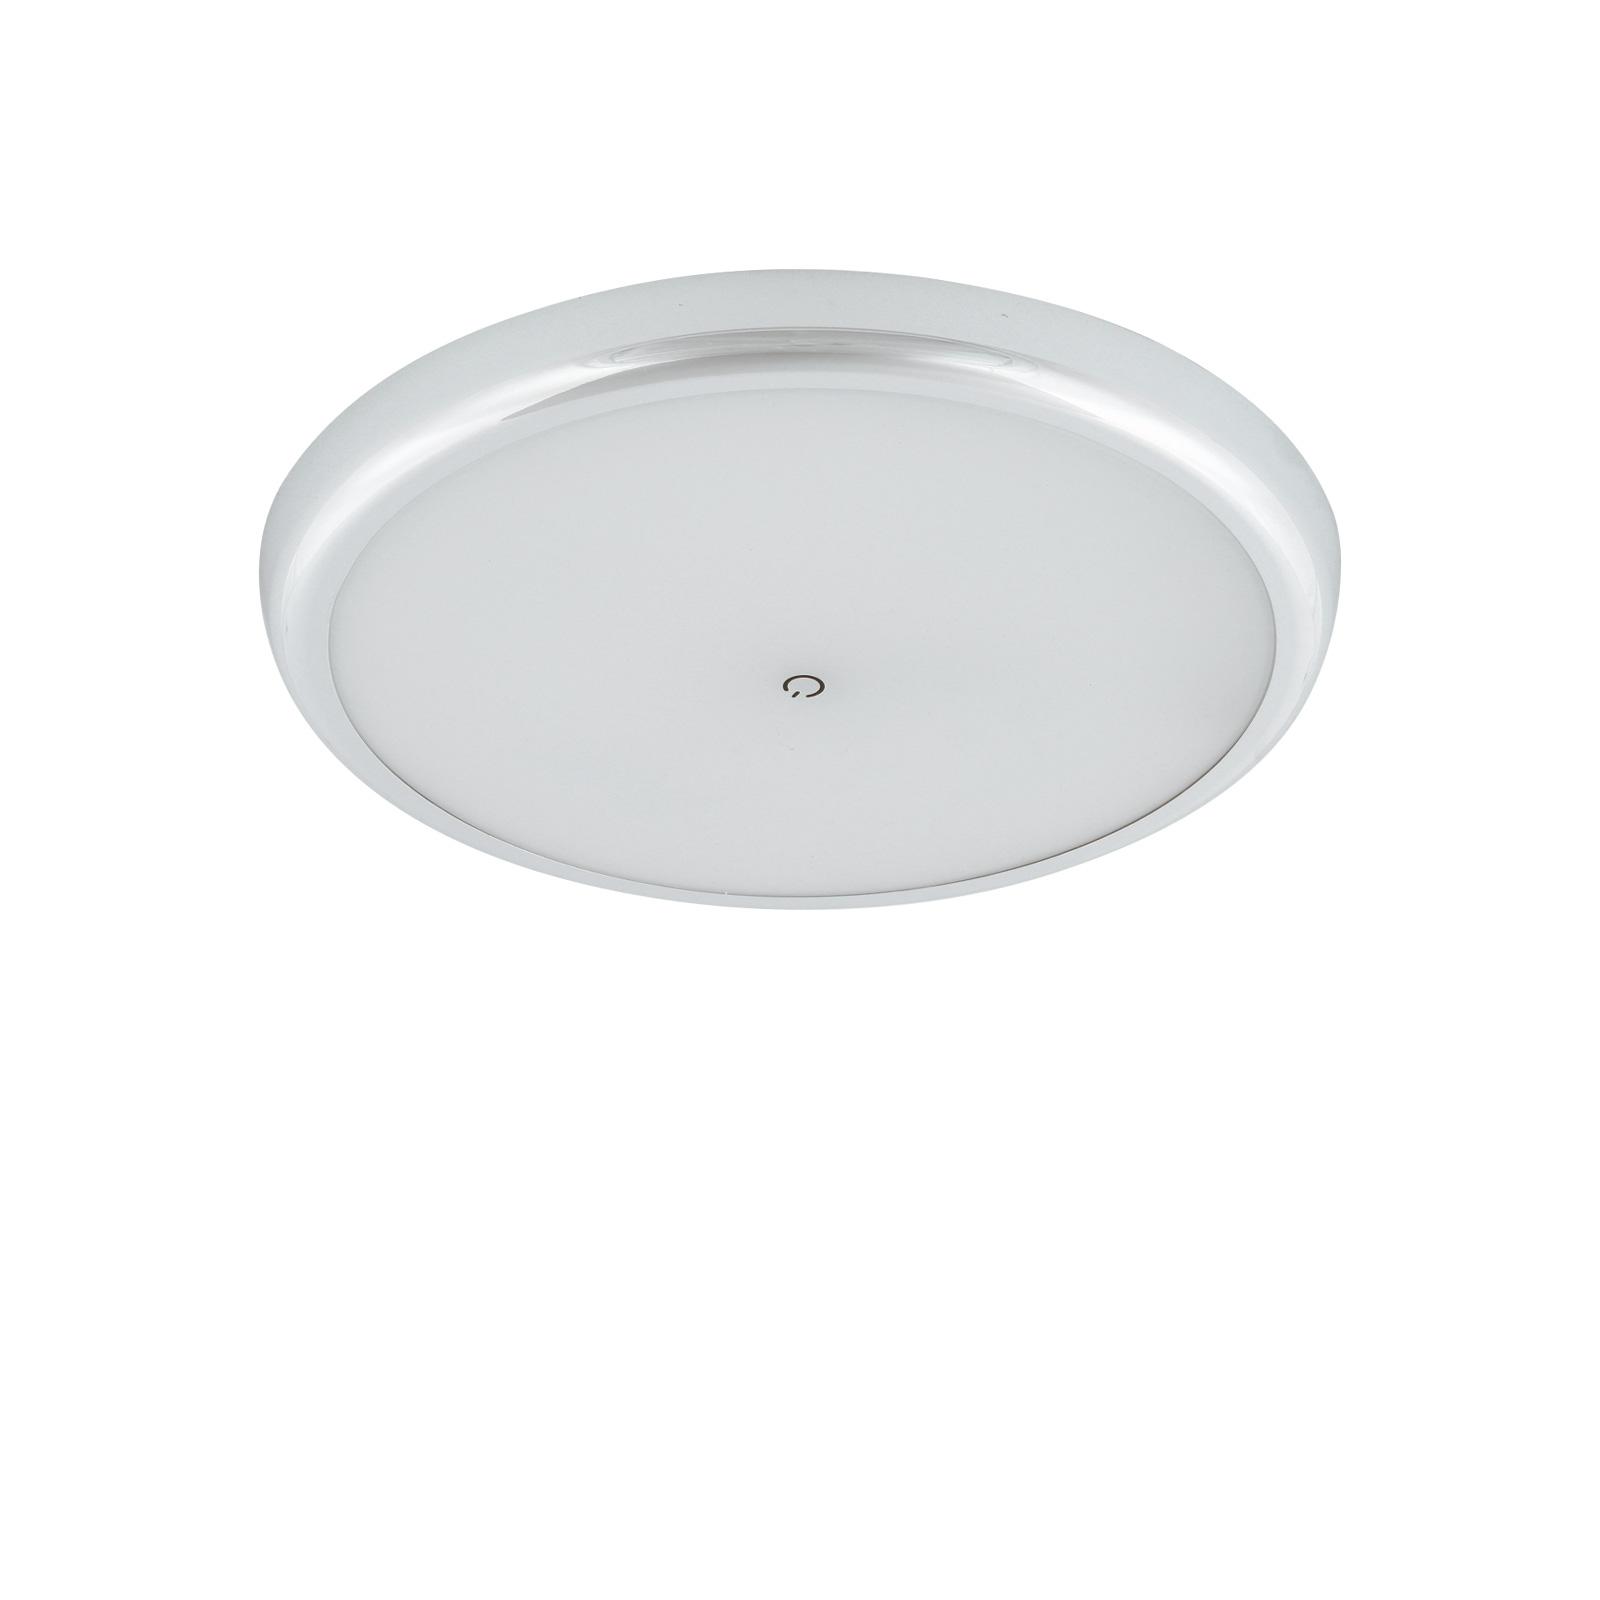 12 Volt LED Deckenleuchte | Touch Bedienung | 3 Modi | 500lm | Ø 178mm | 4000K